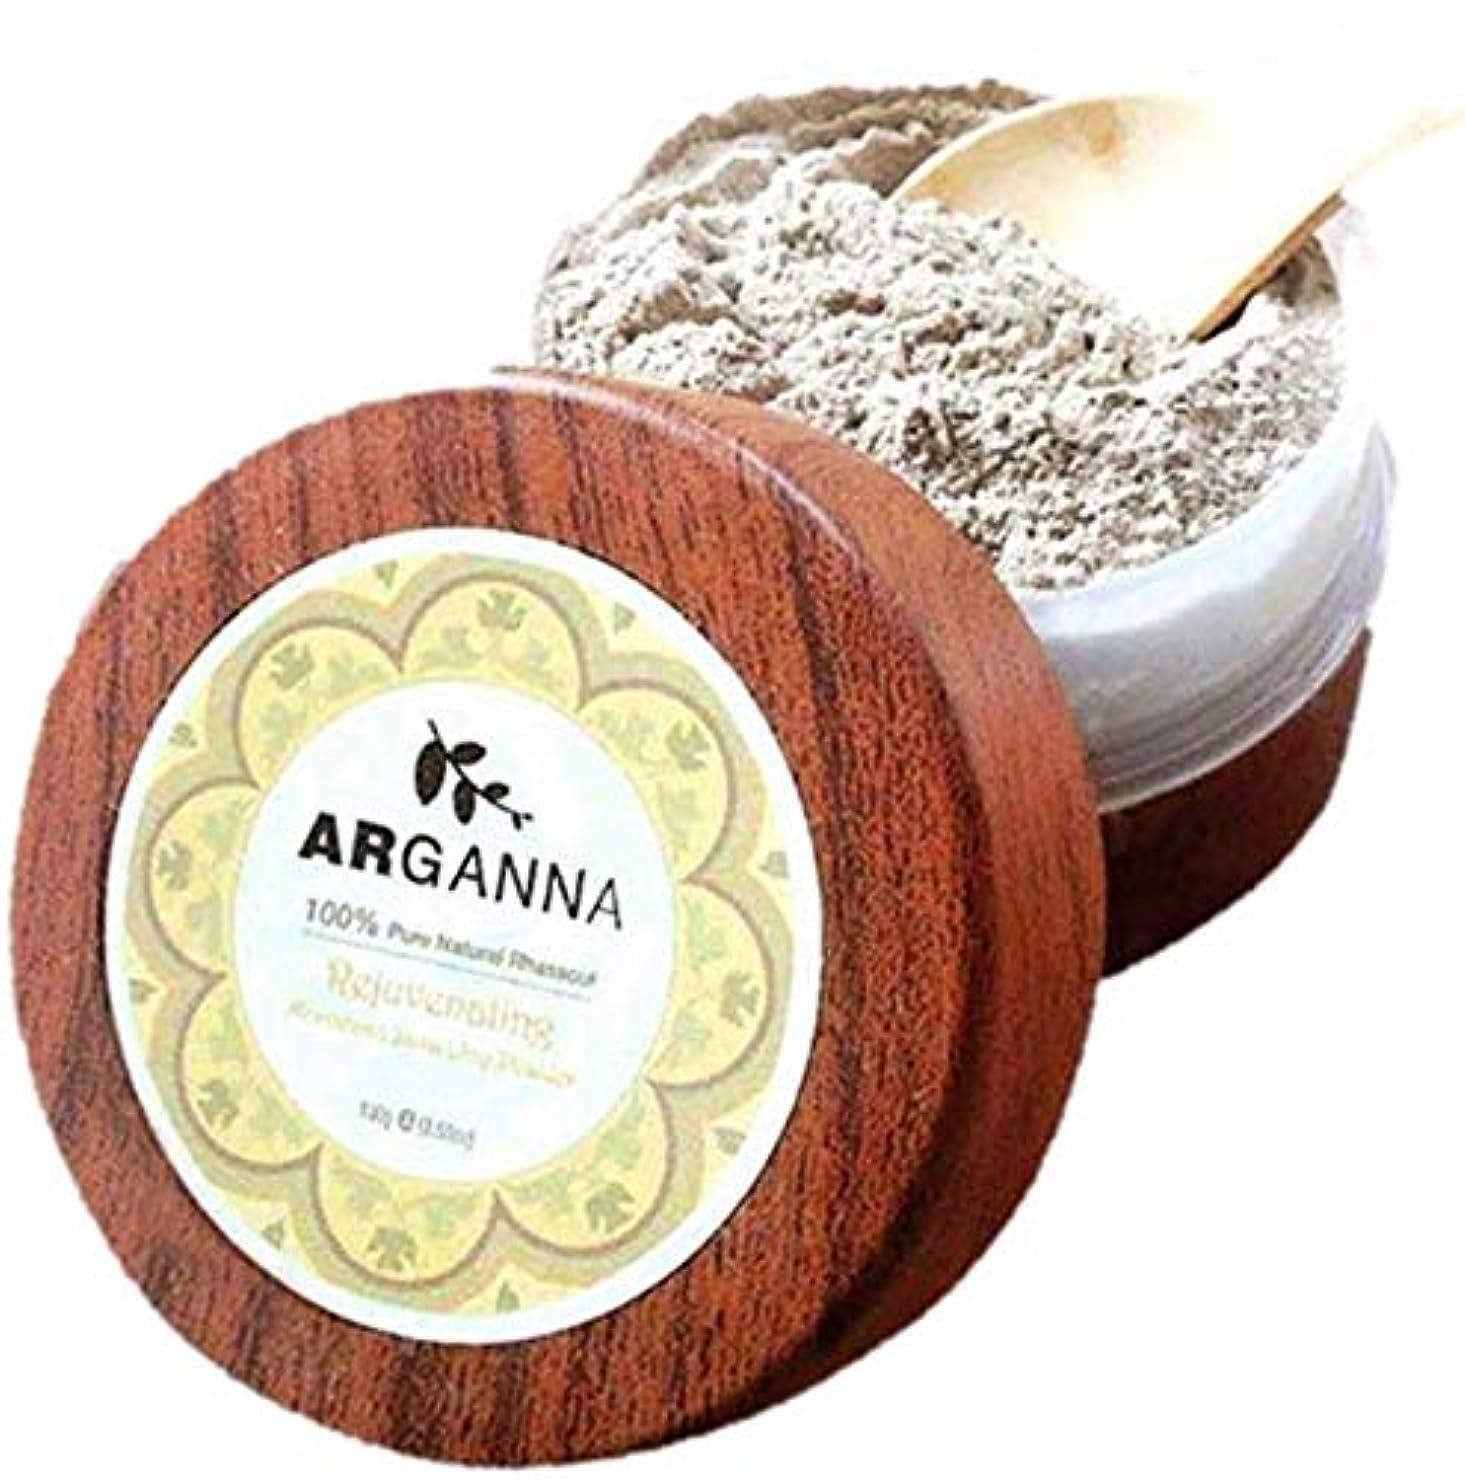 気分世界我慢するArganna(アルガンナ) モロッカン 溶岩粘土フェイスマスク [フェイスパック マットパック 泥パック][並行輸入]